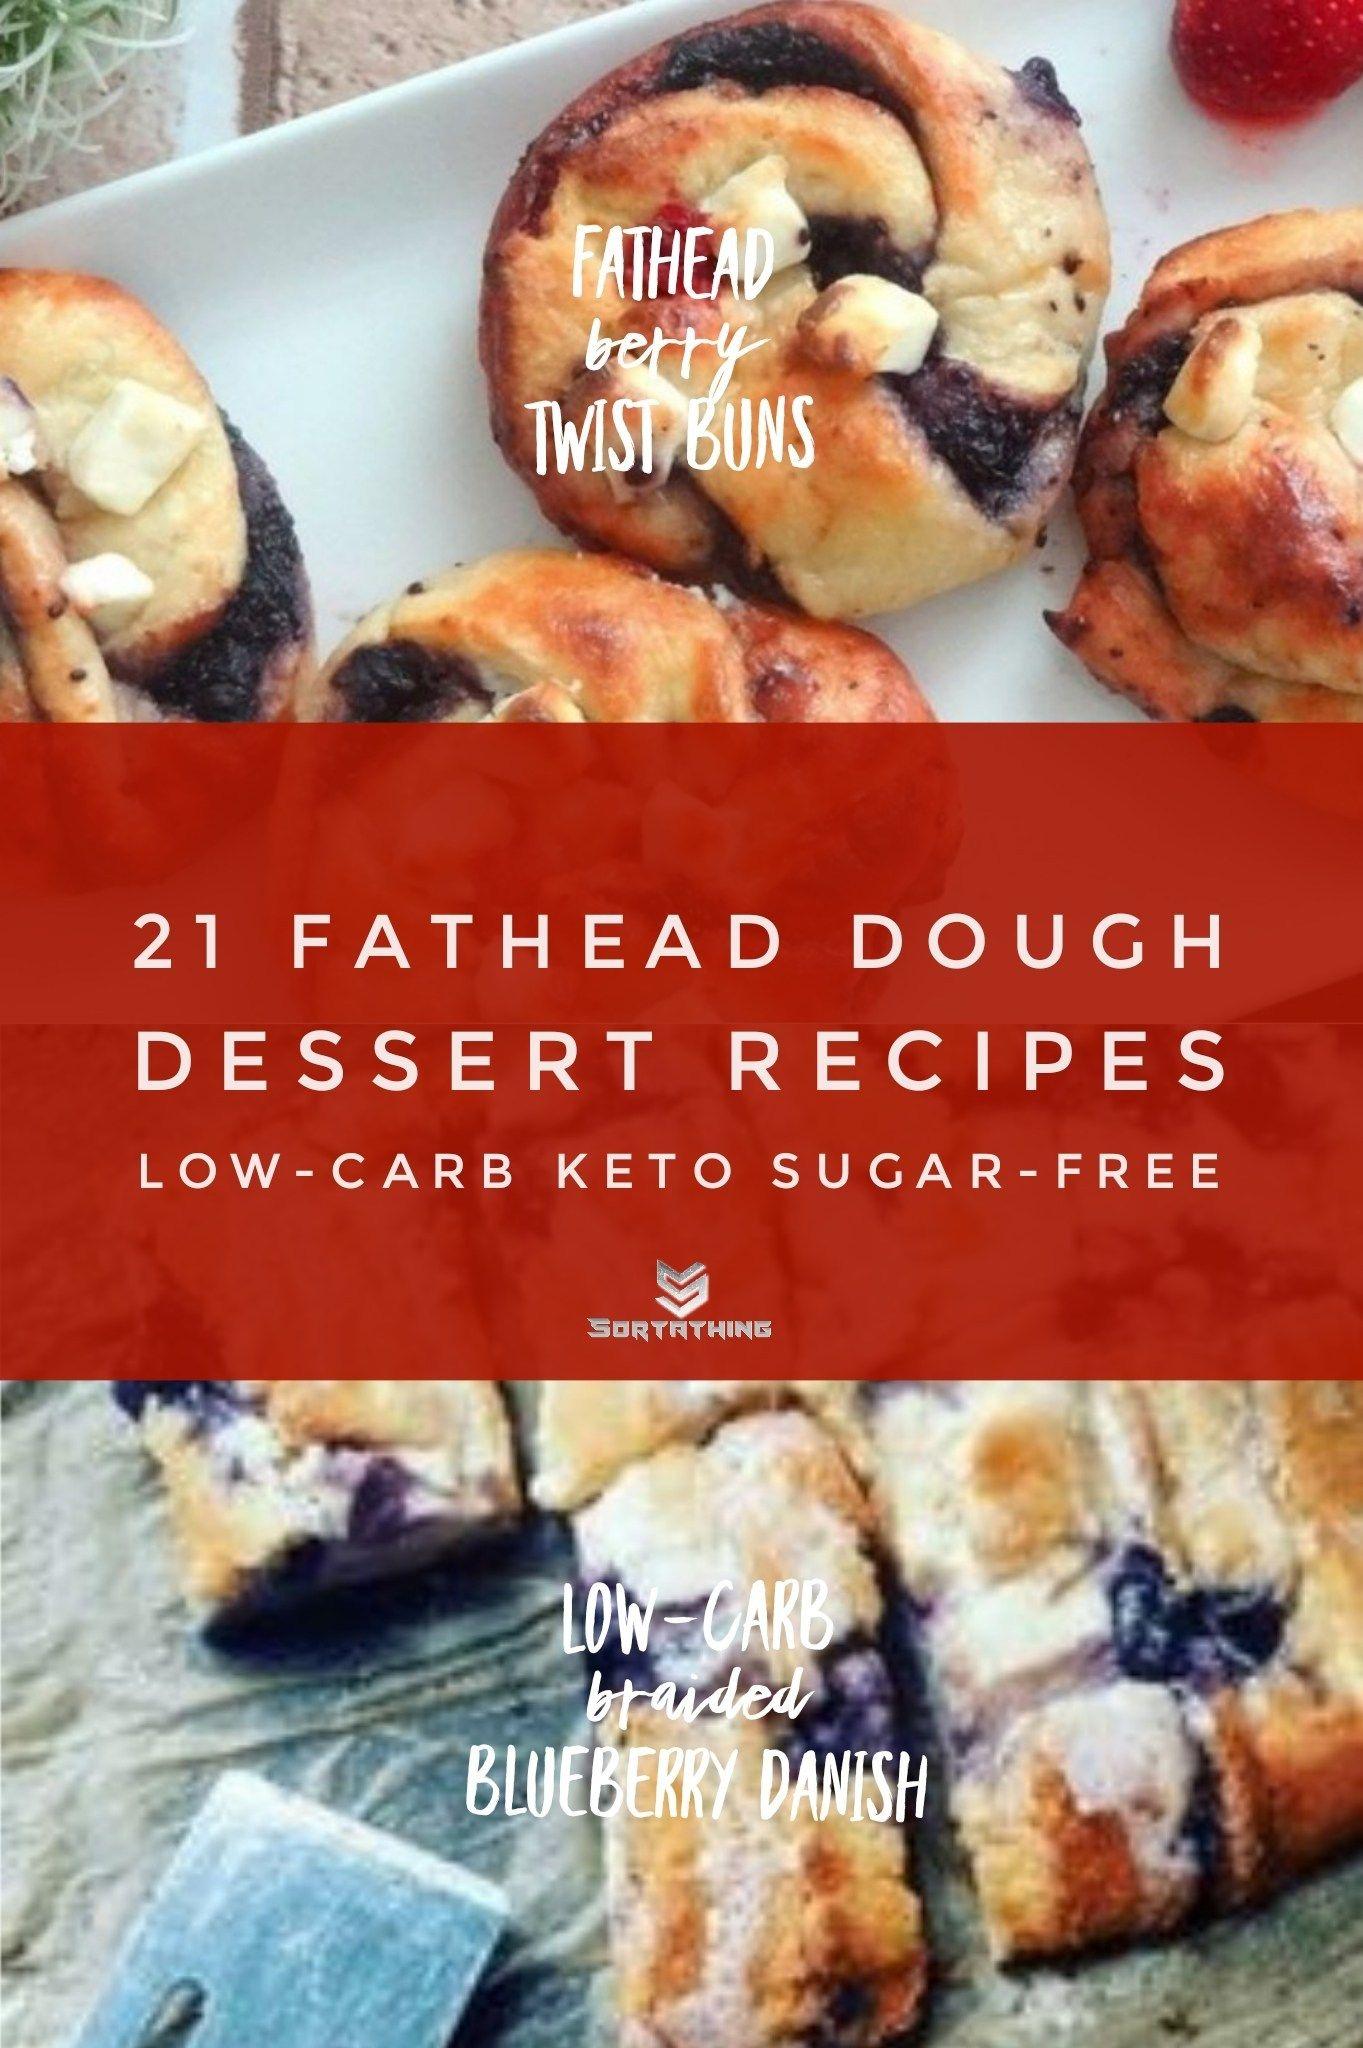 21 Amazing Fathead Dough Dessert Recipes Low Carb Keto Sugar